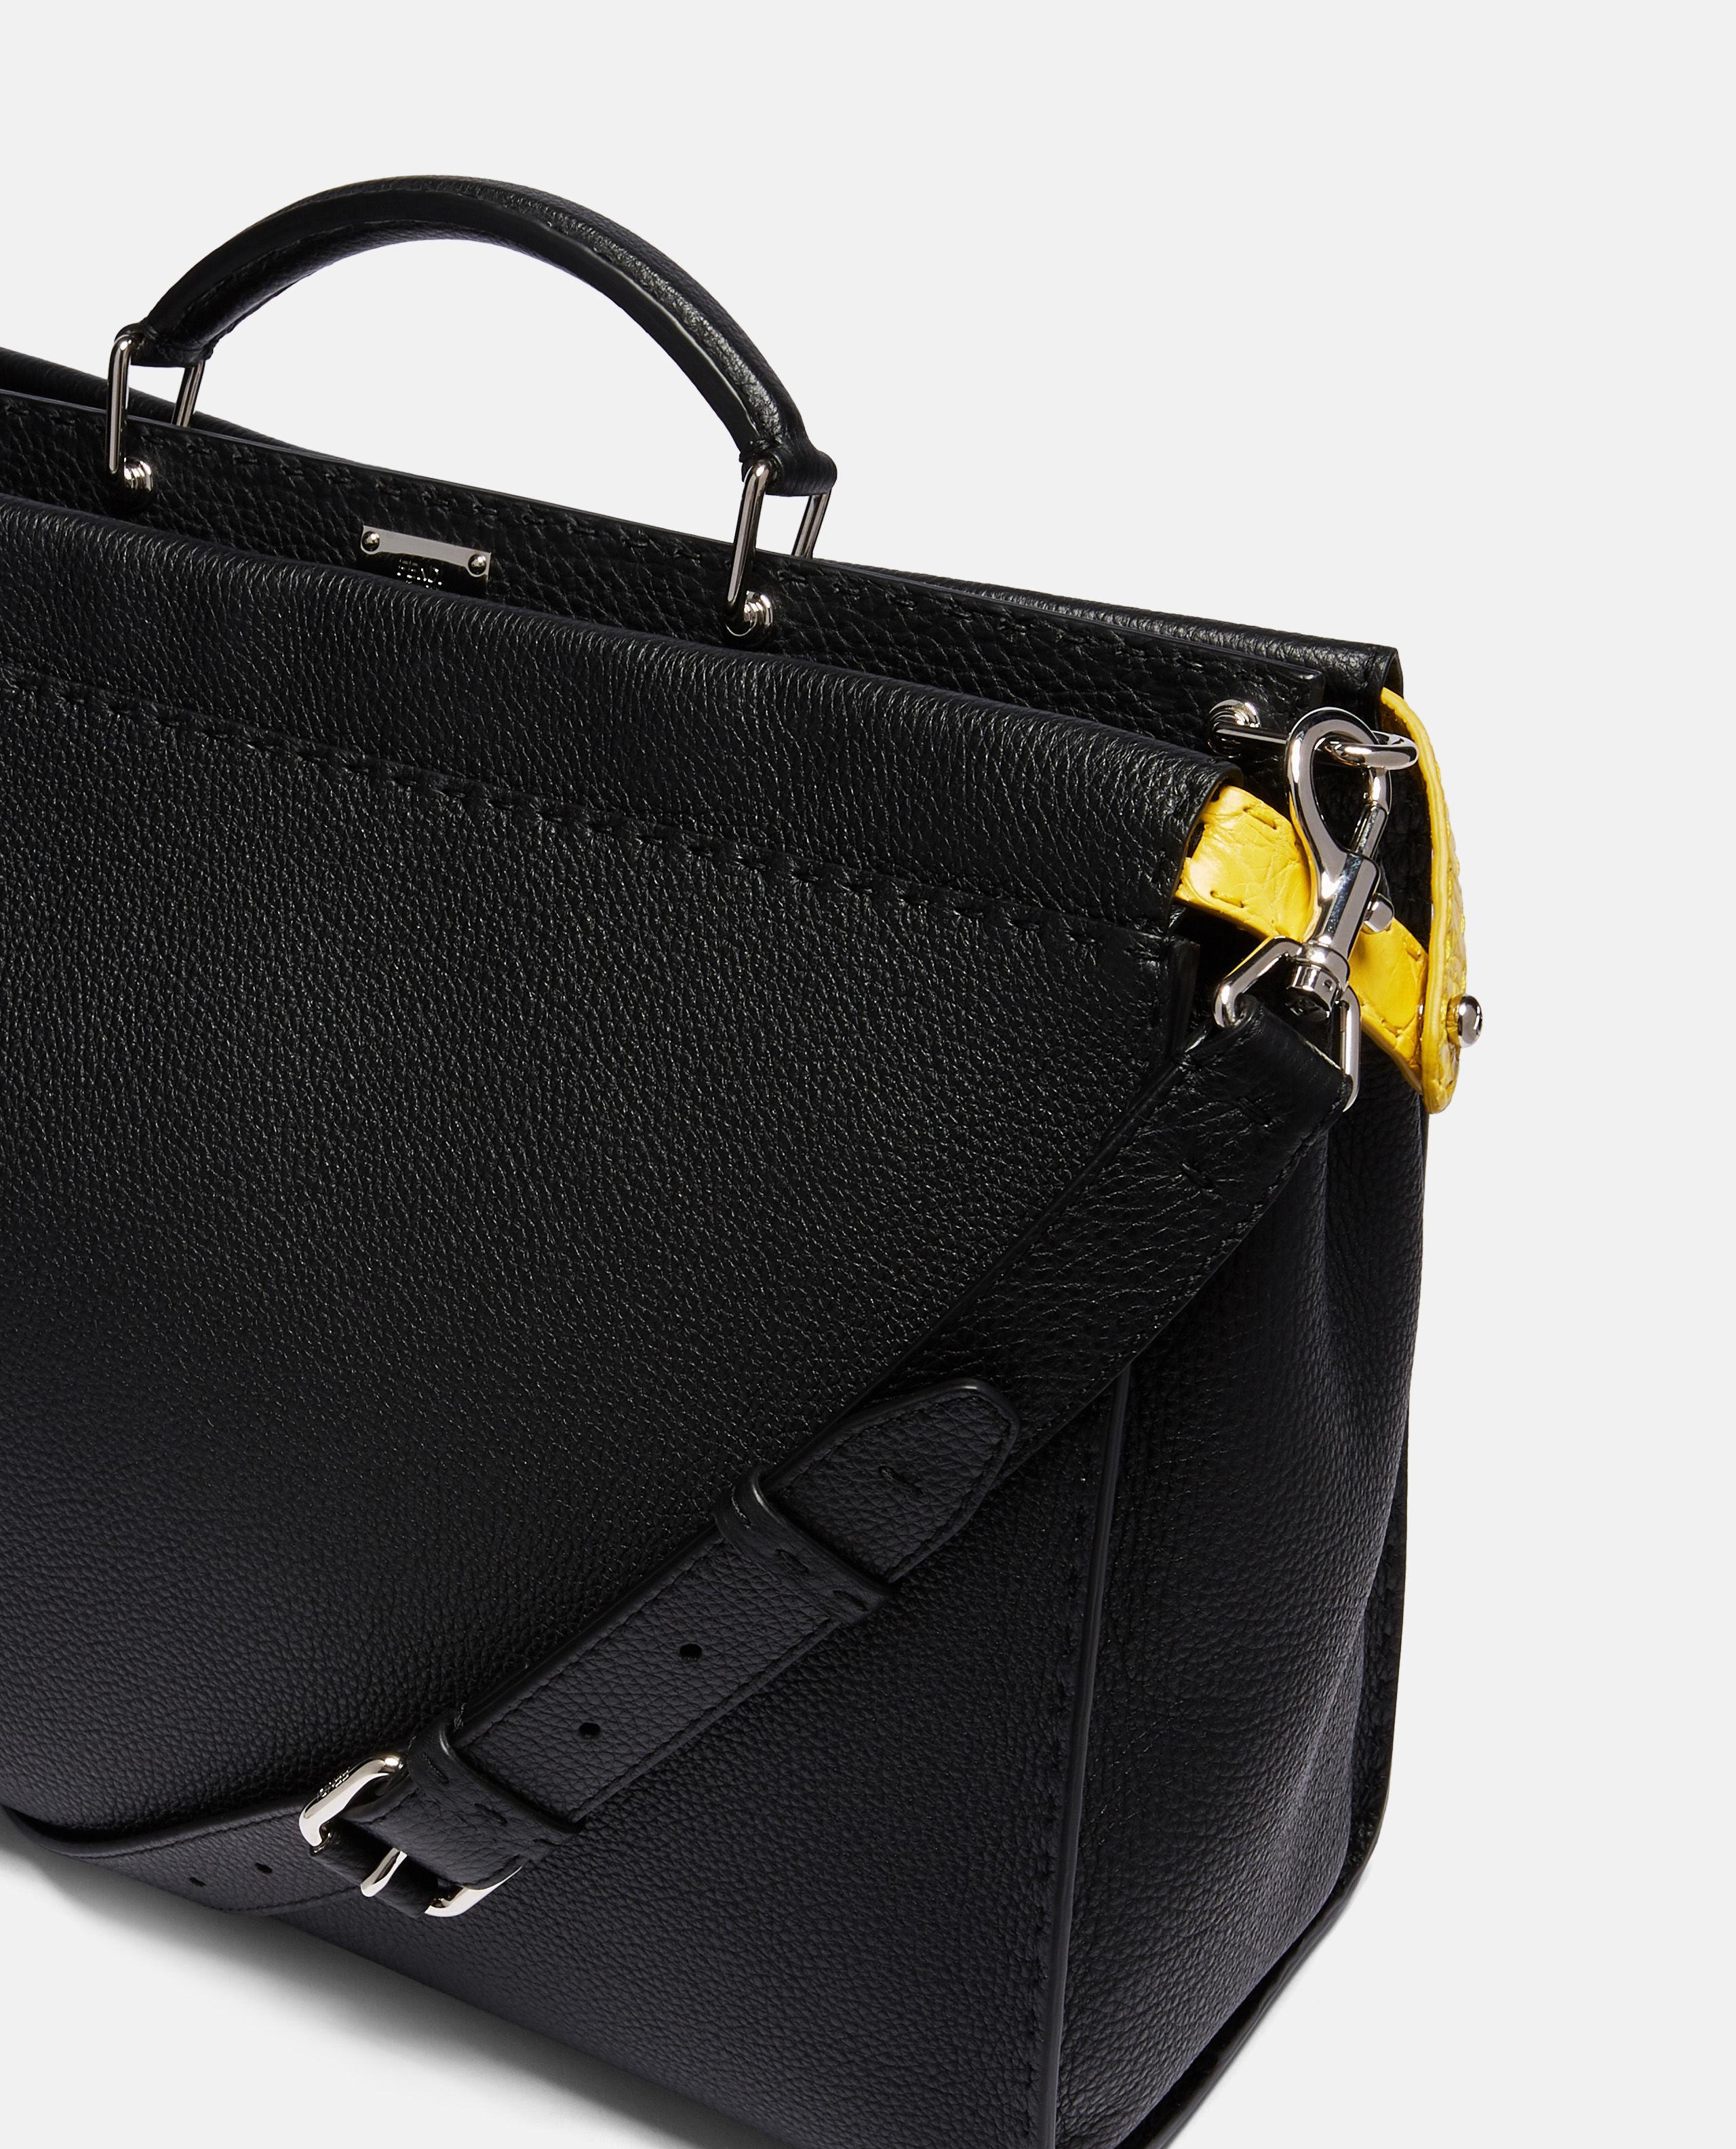 cd22dd81d99d Fendi Regular Peekaboo Bag in Black for Men - Lyst